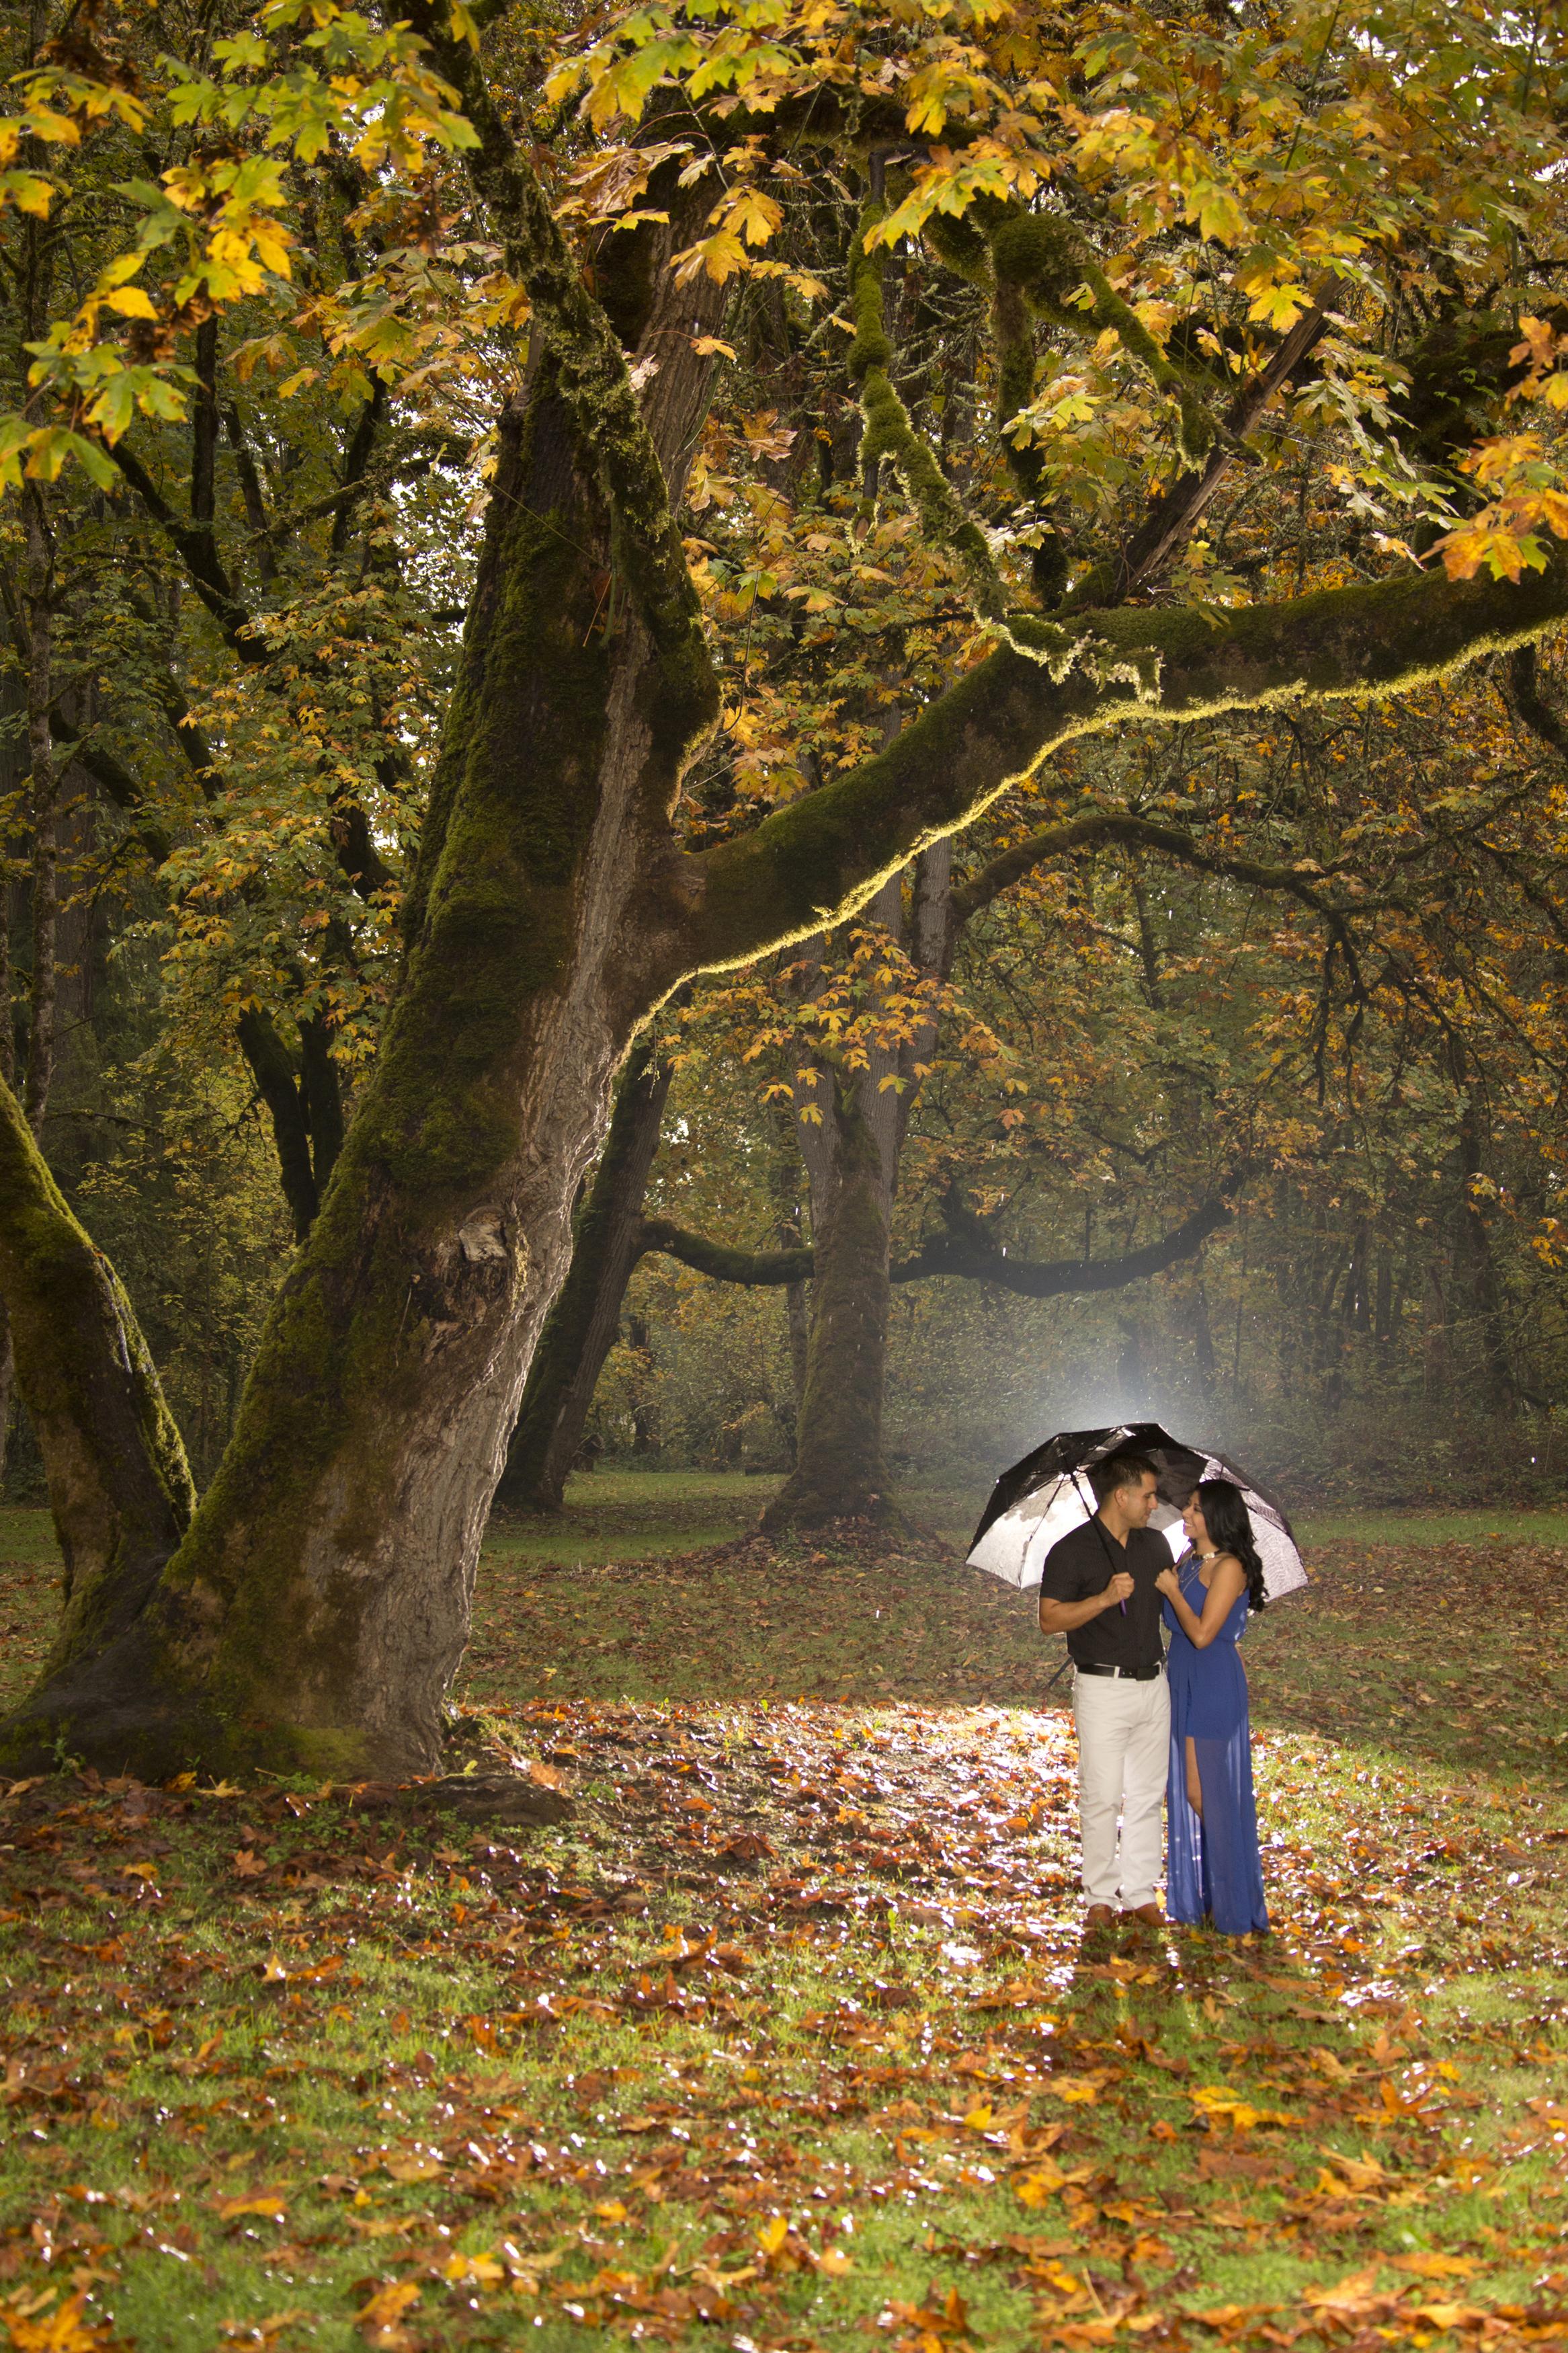 Engagement photos and proposal ideas, Eugene Oregon